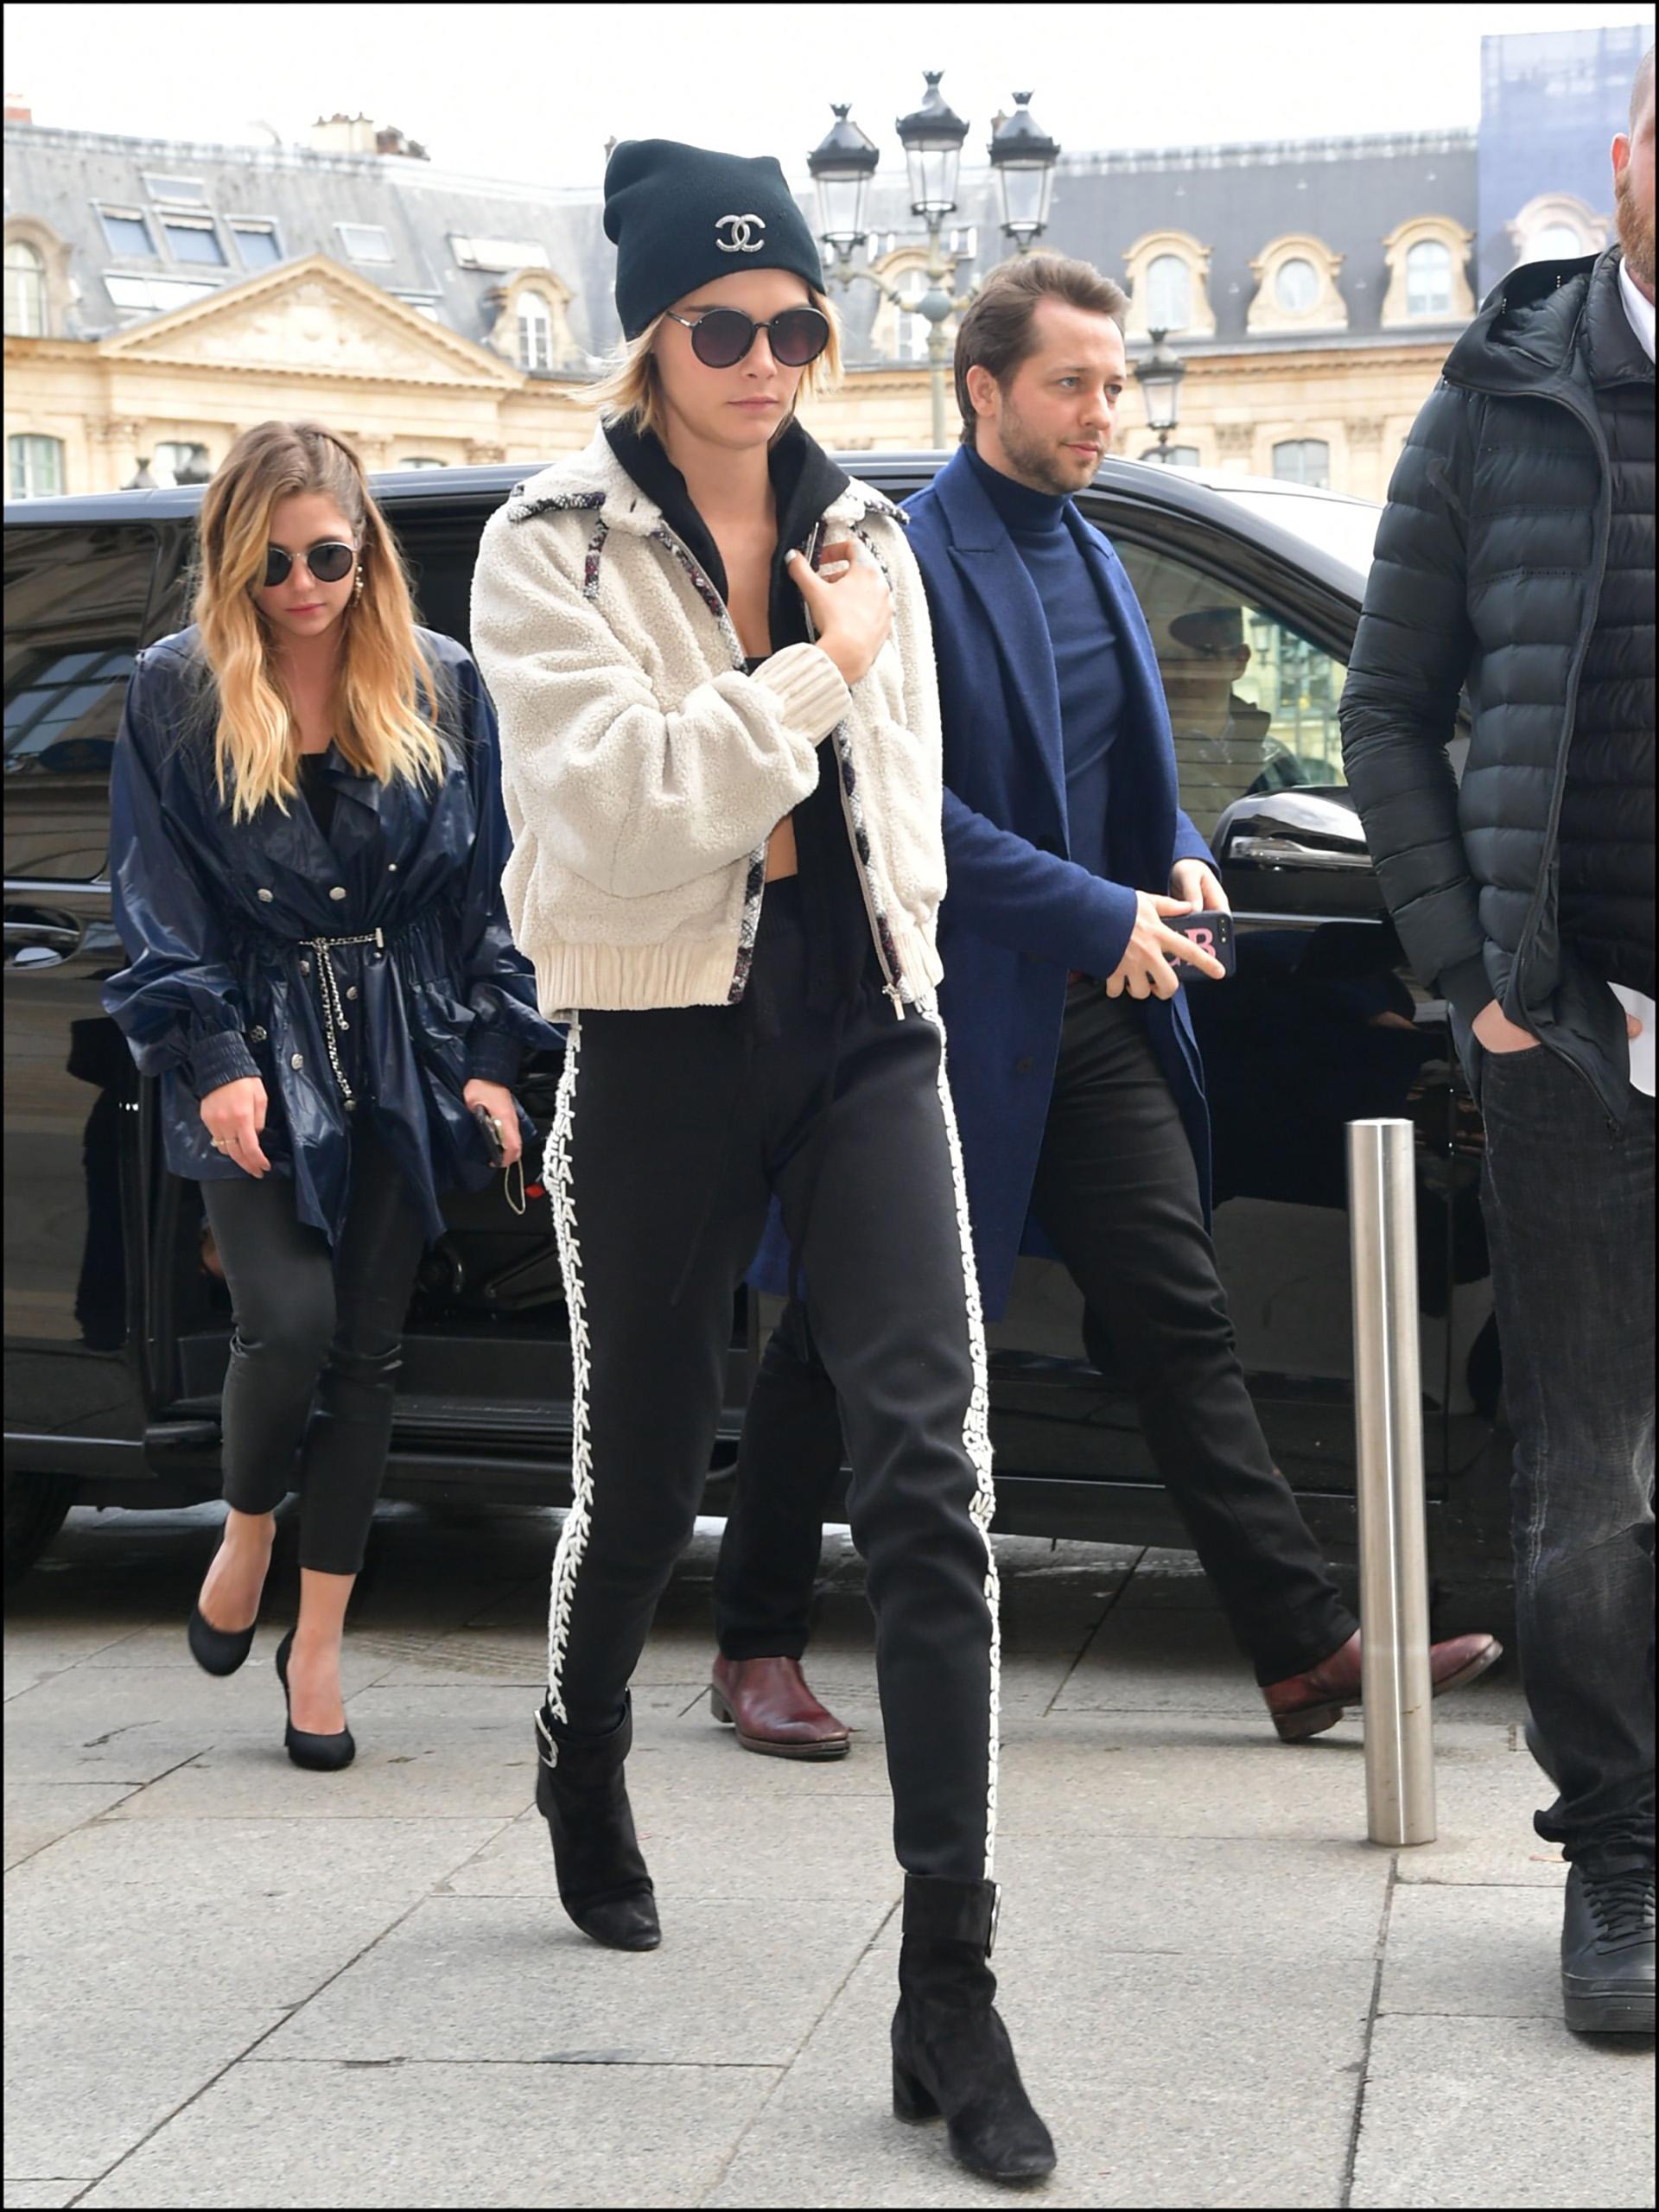 Cara Delevingne et sa compagne Ashley Benson arrivent ‡ la boutique Chanel Place VendÙme ‡ Paris le 5 Mars 2019 Cara Delevingne and girlfriend Ashley Benson are seen arriving at Chanel store Place VendÙme in Paris on 05/03/2019